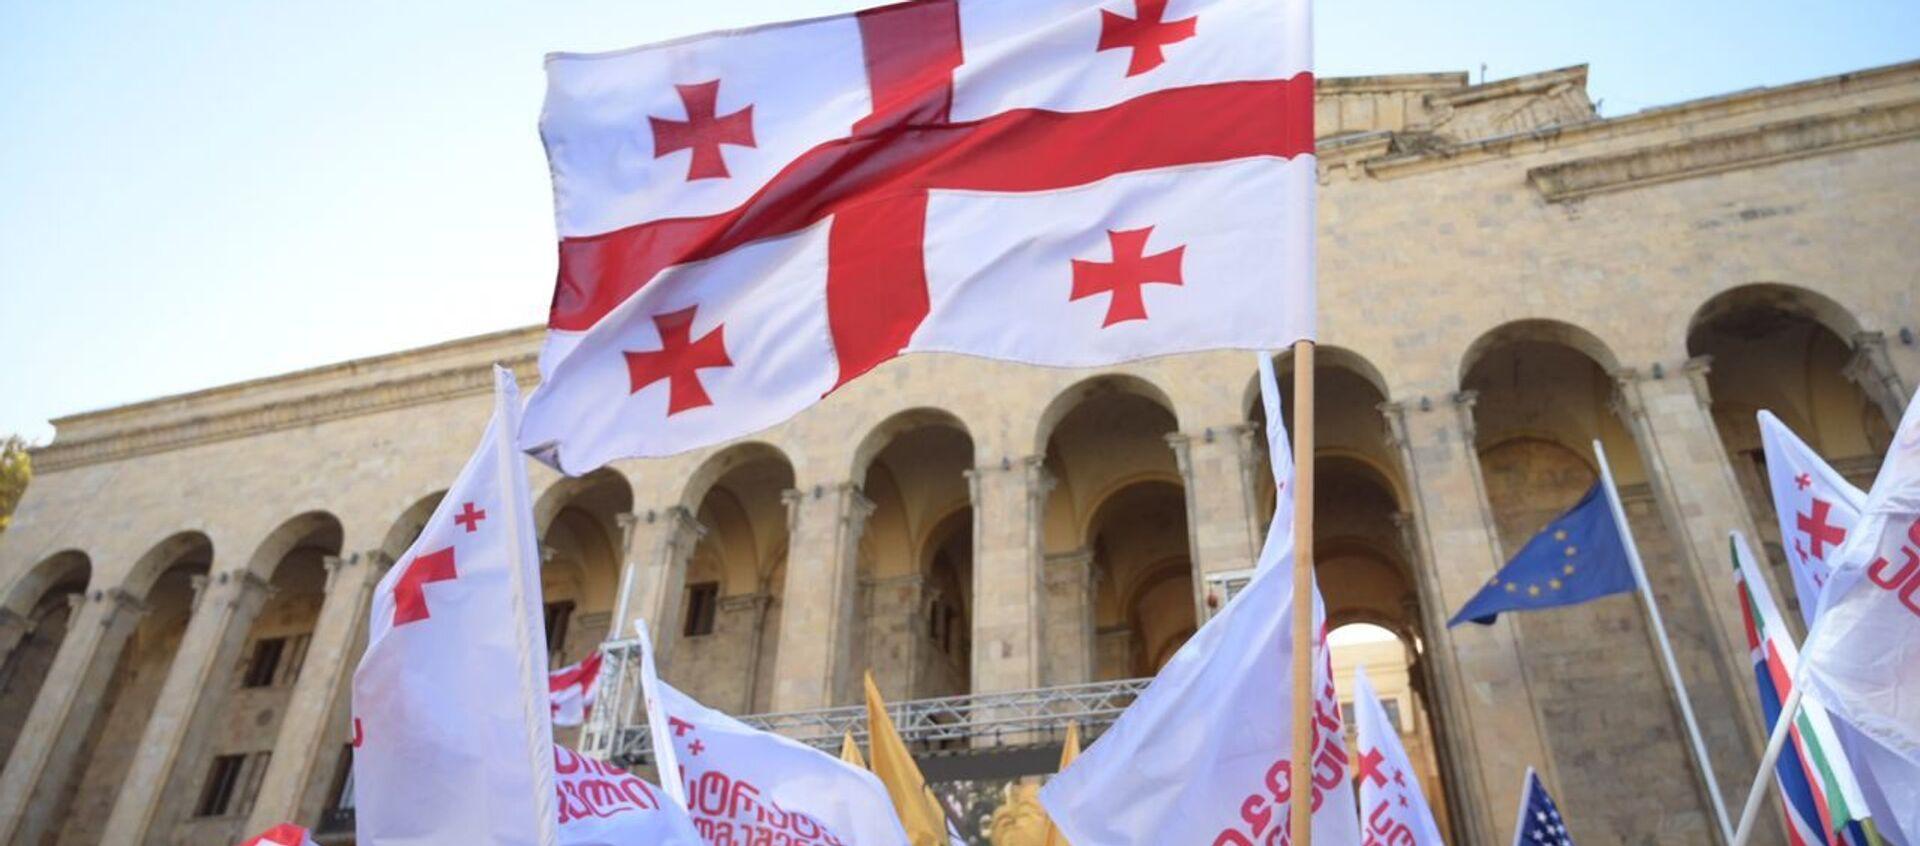 Масштабная акция протеста оппозиции в воскресенье 8 ноября 2020 перед зданием парламента Грузии - Sputnik Грузия, 1920, 16.04.2021